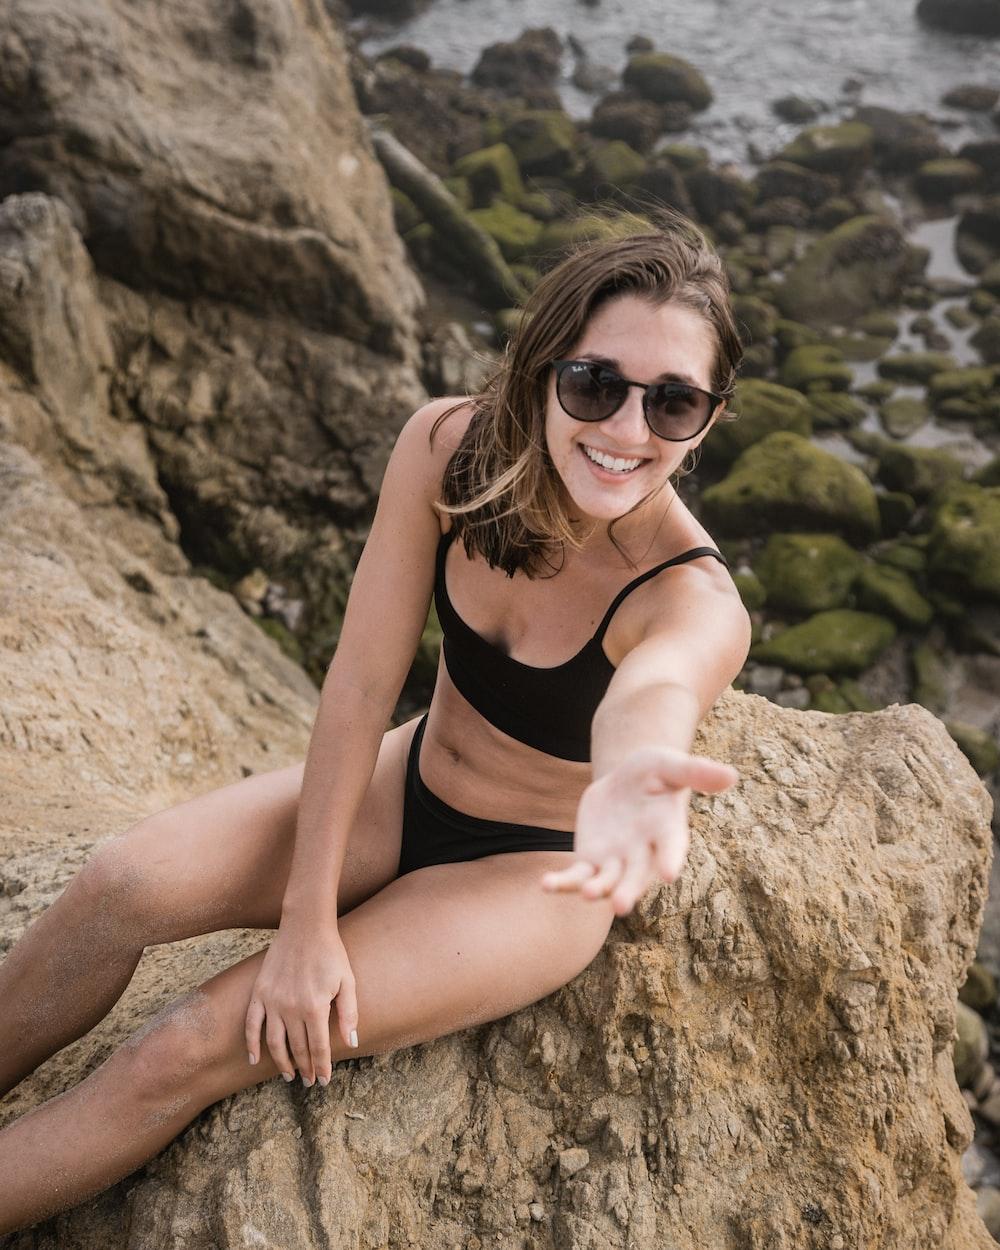 woman in black bikini sitting on rocky cliff